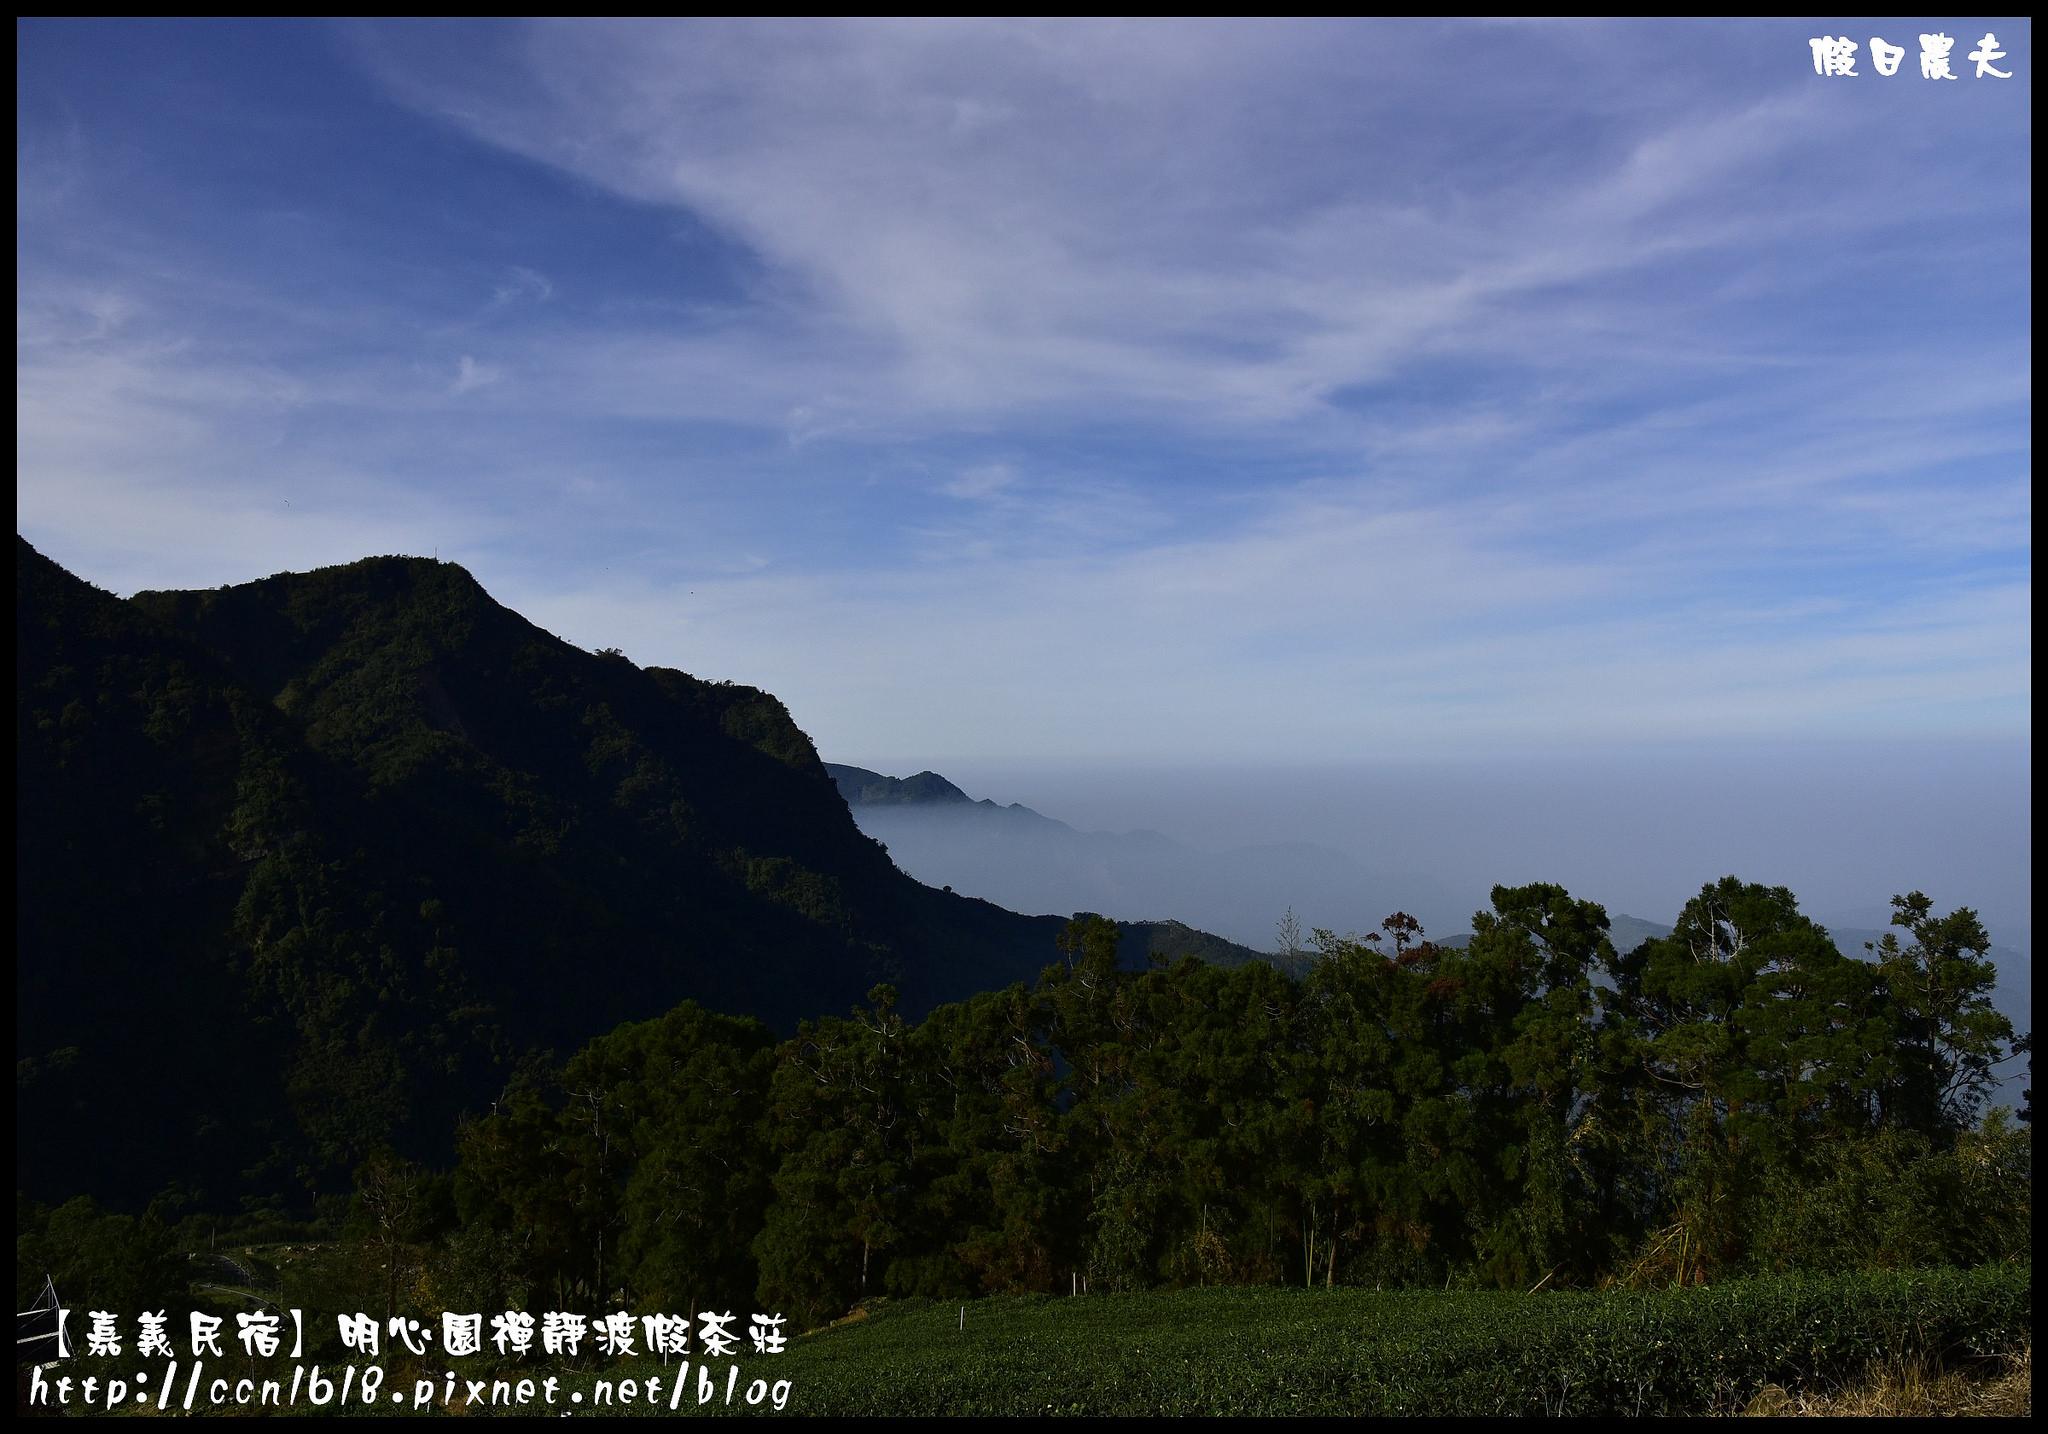 【嘉義民宿】明心園禪靜渡假茶莊_DSC3565